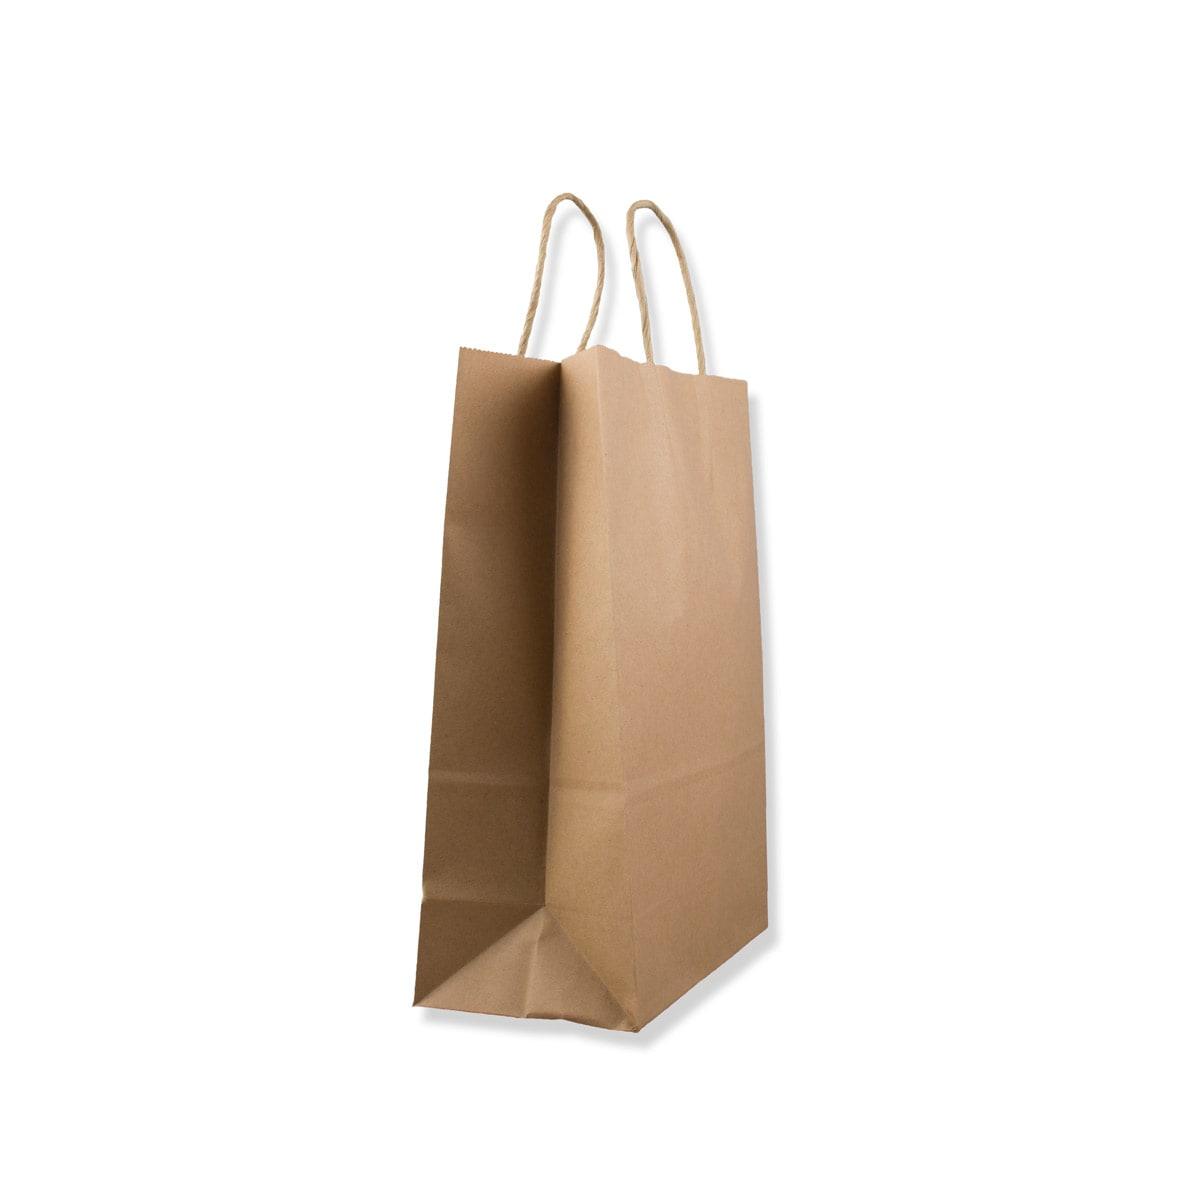 190x80x210mm MANILLA TWIST HANDLED PAPER BAG